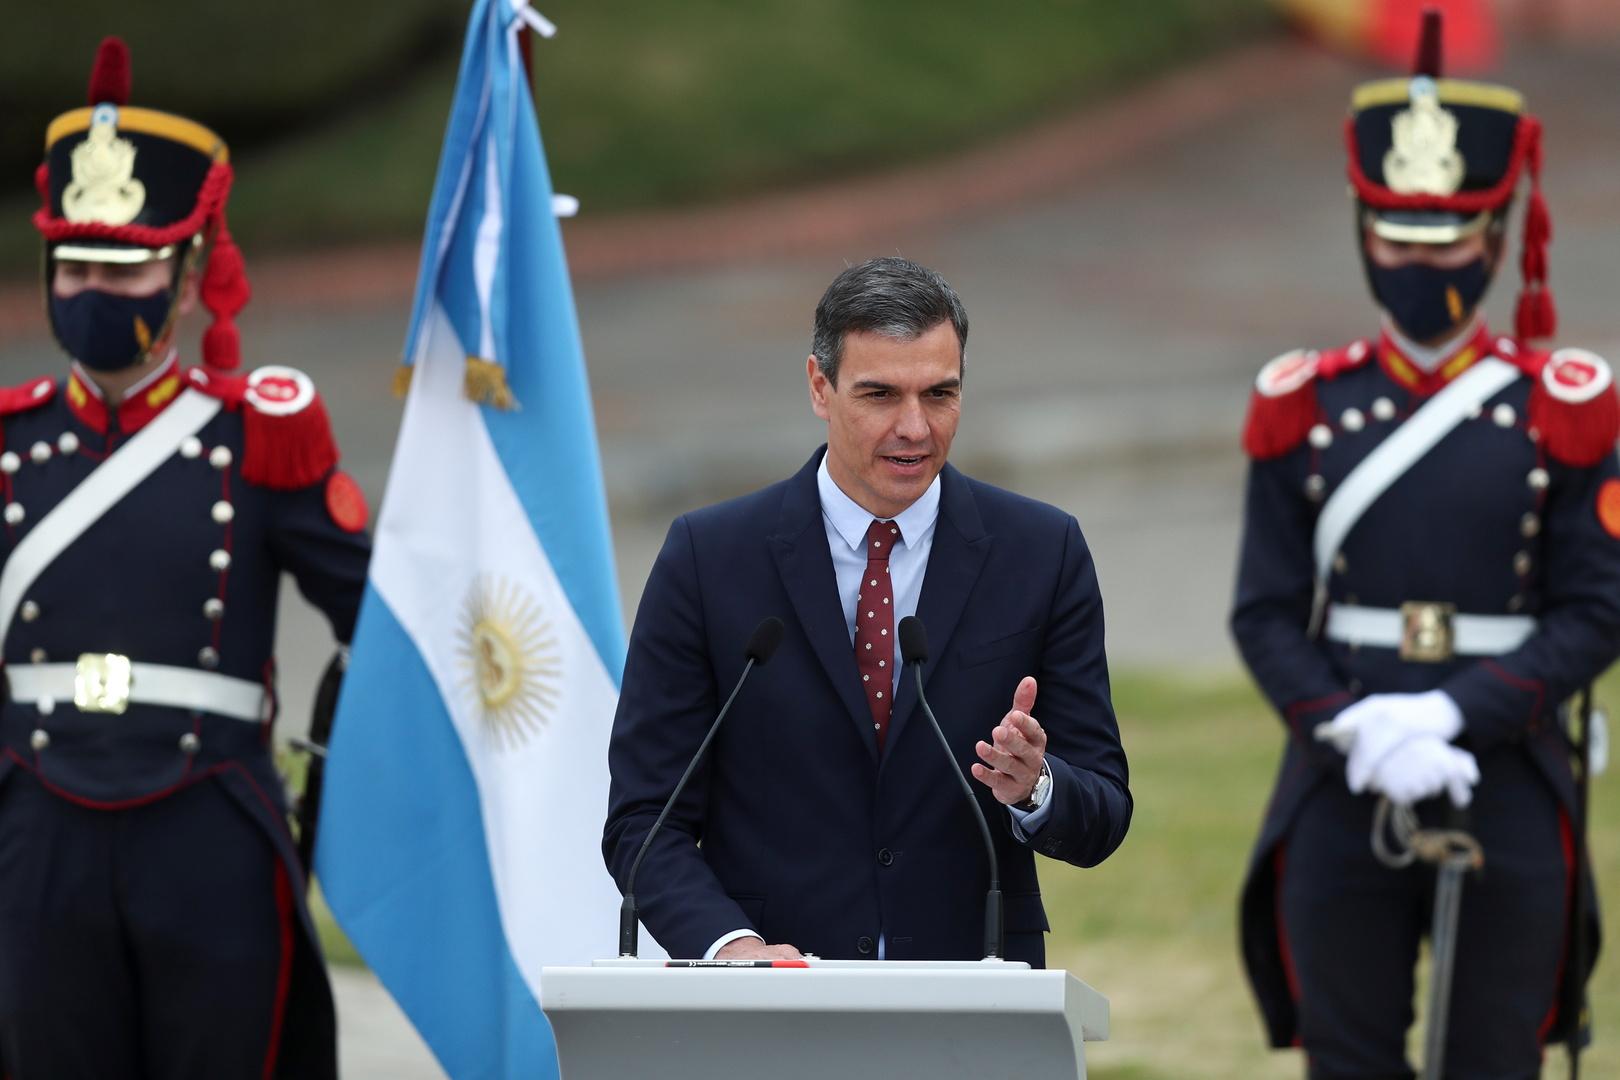 إسبانيا تطالب بإتاحة دخول متلقي لقاح